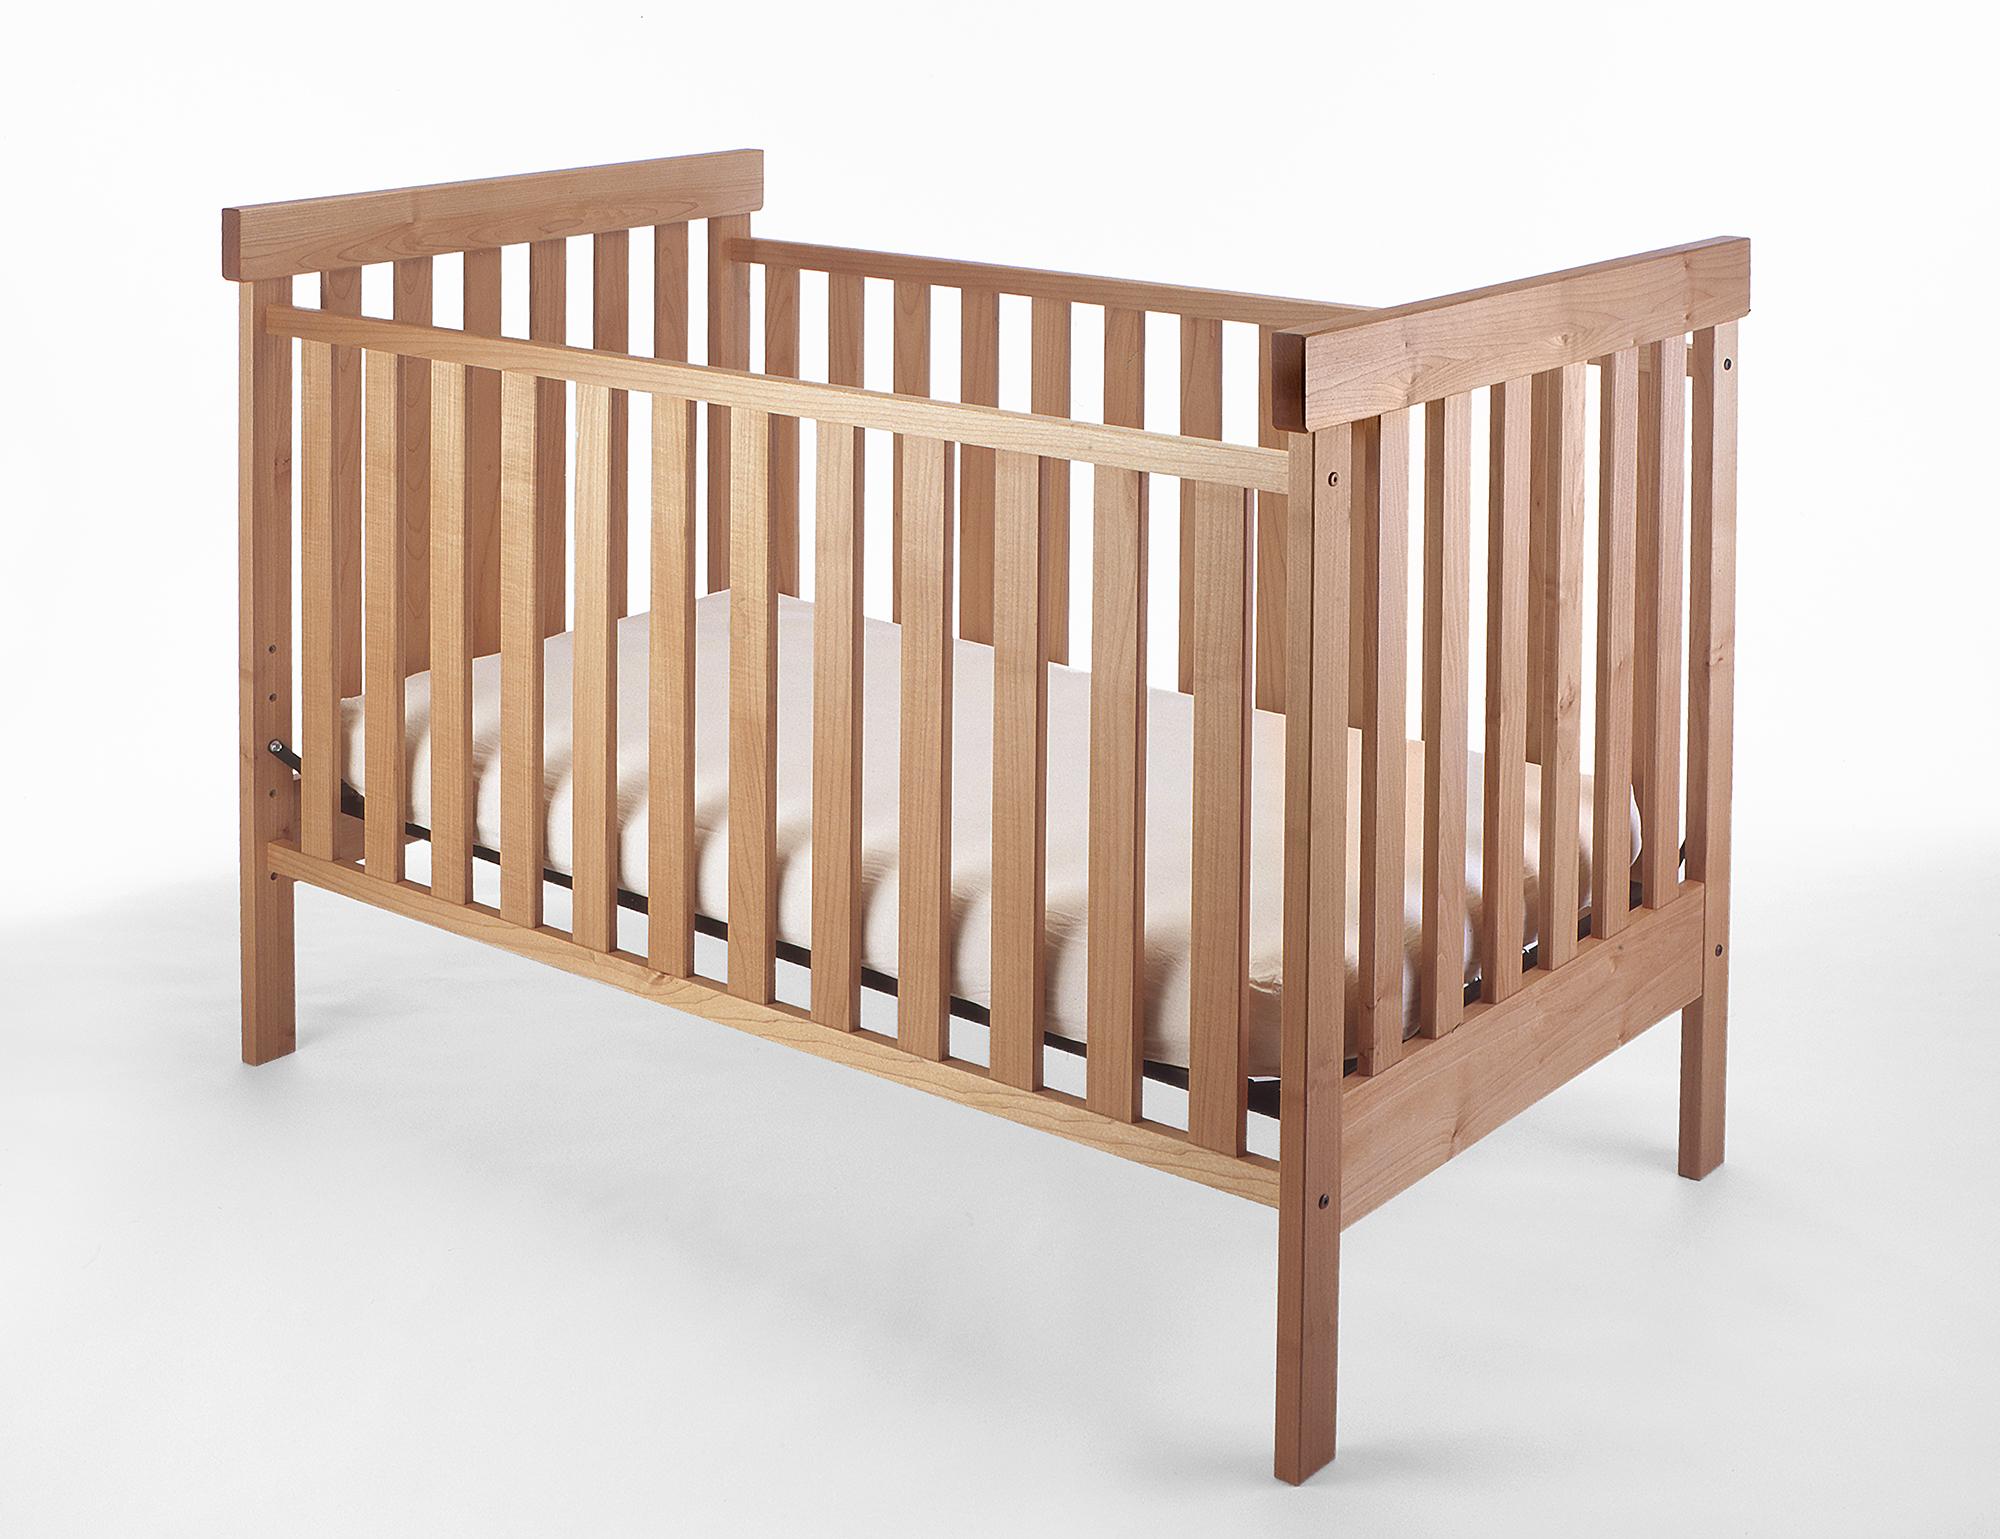 Genial Crib Neuroticallygreenmom Ikea Sniglar Crib Recall Ikea Sniglar Crib Sidecar Pr Crib Hunt baby Ikea Sniglar Crib